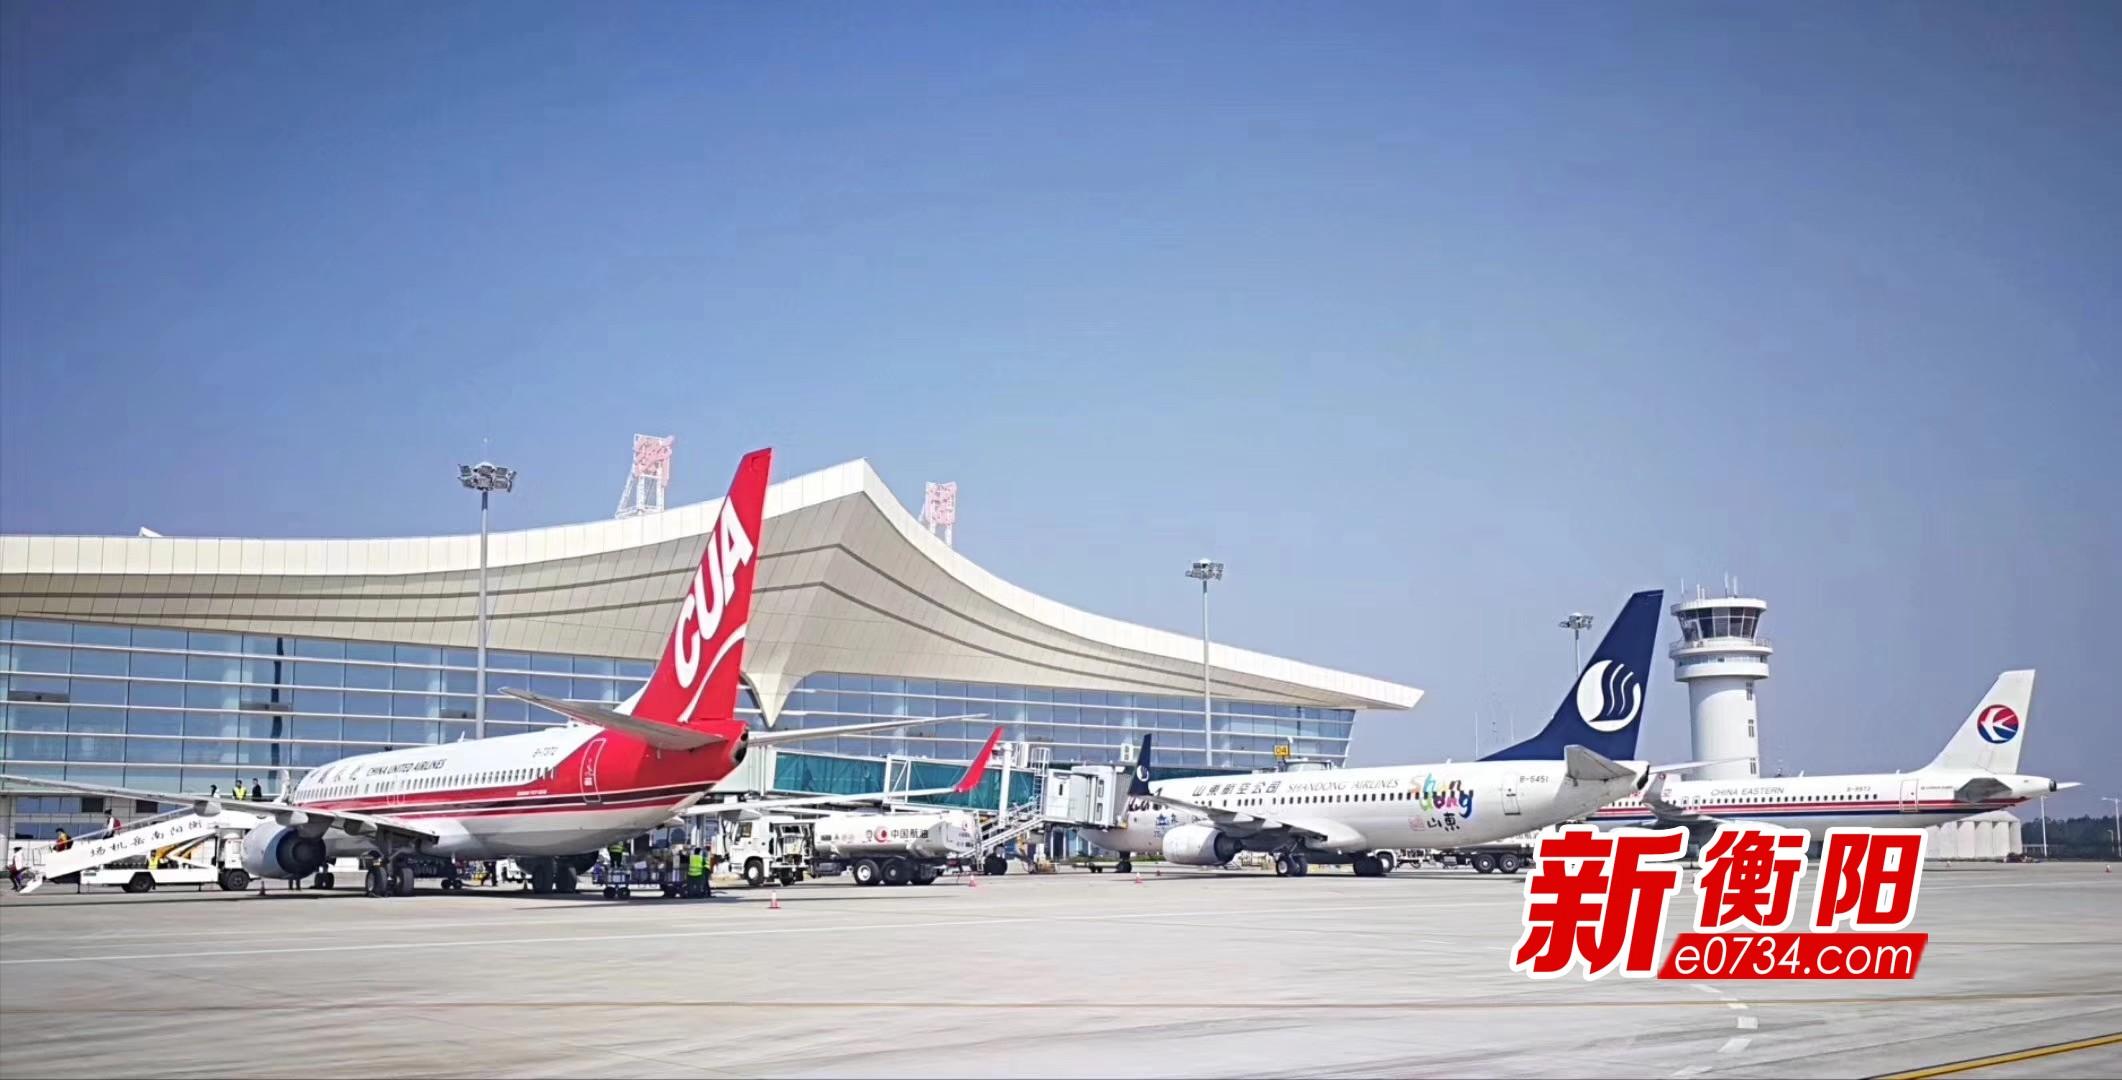 【国庆黄金周】南岳机场安全运输旅客13379人次